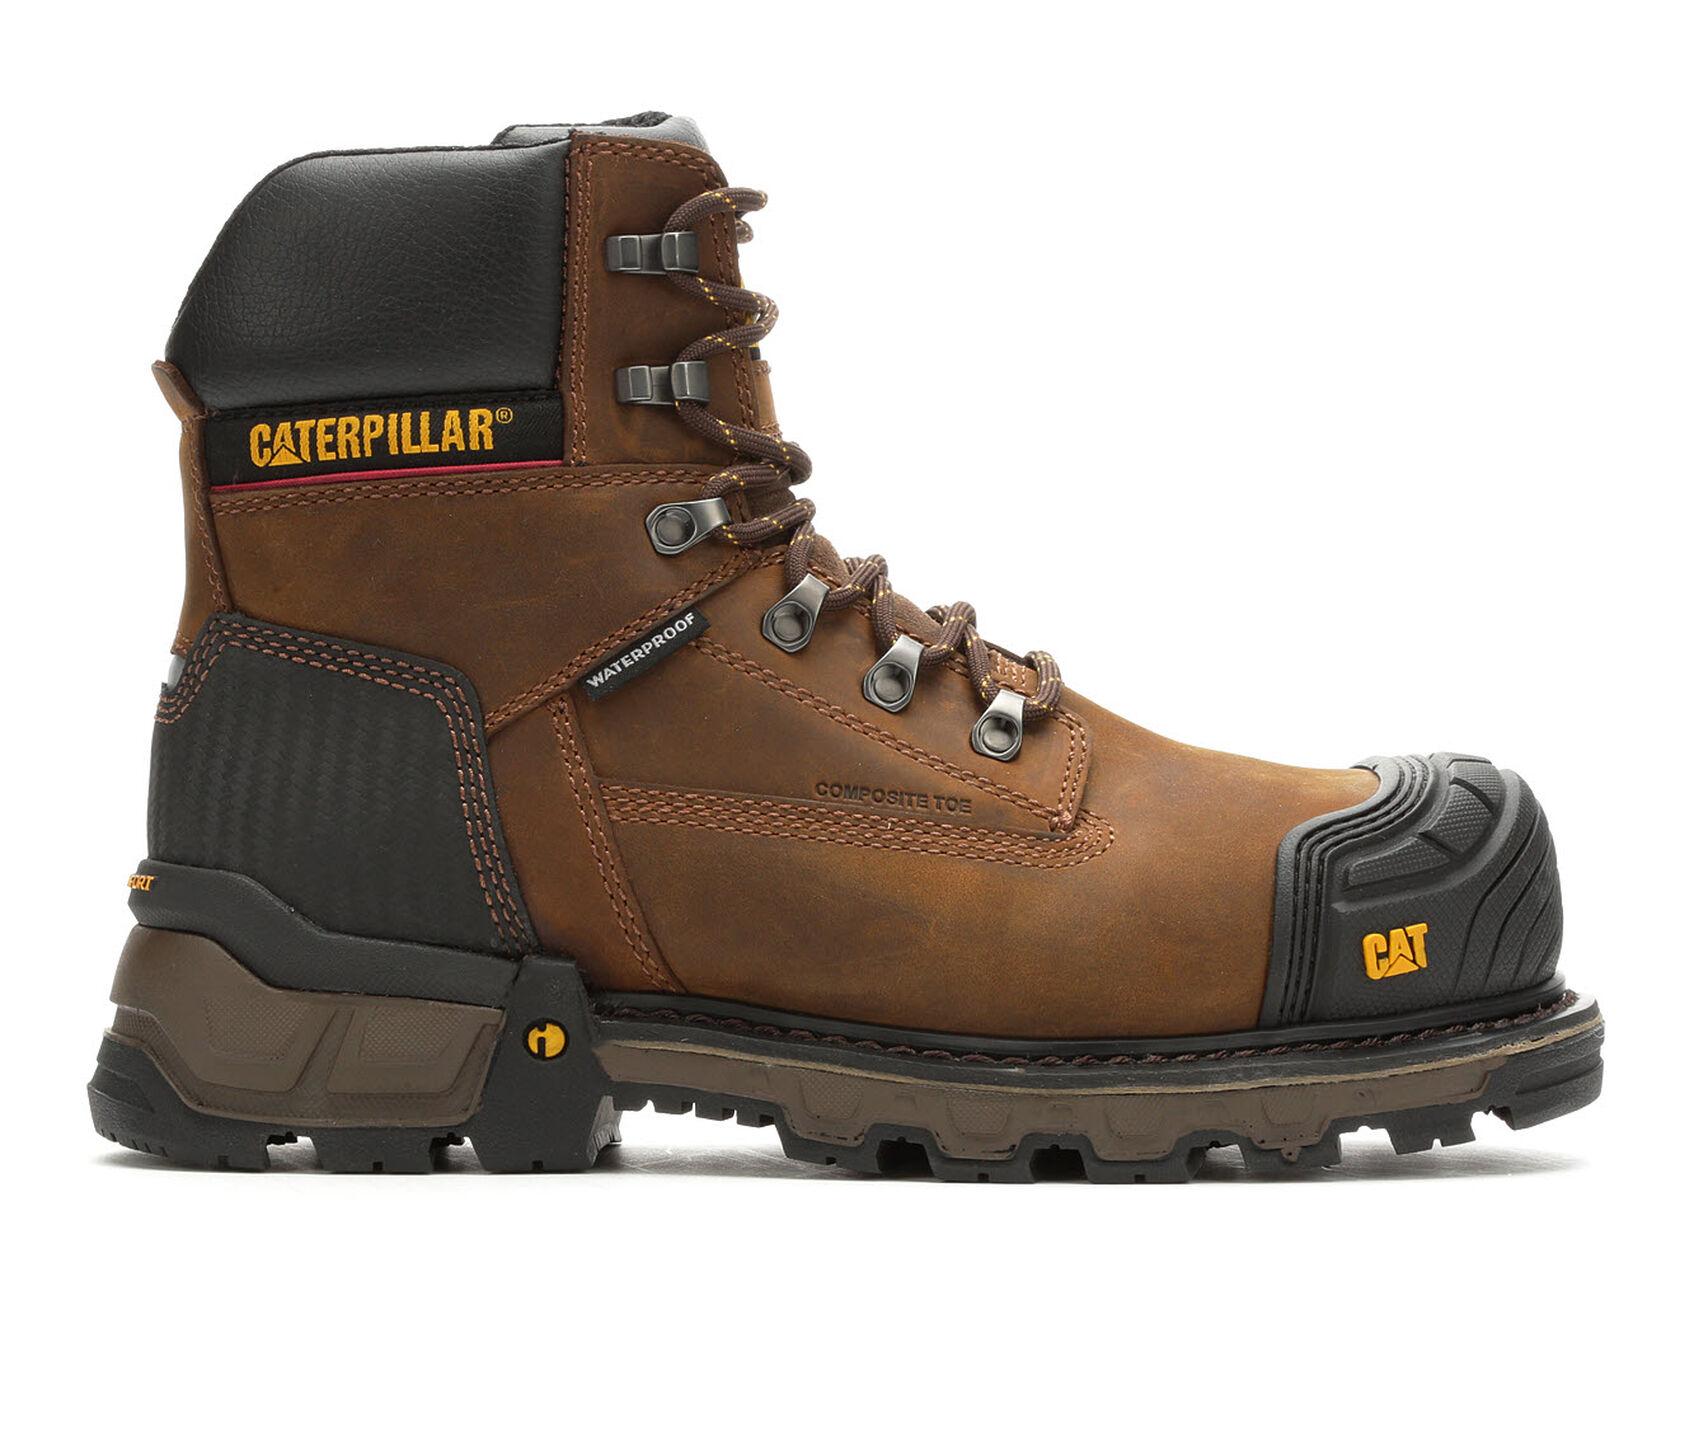 01c715b5534 Men's Caterpillar Excavator 6